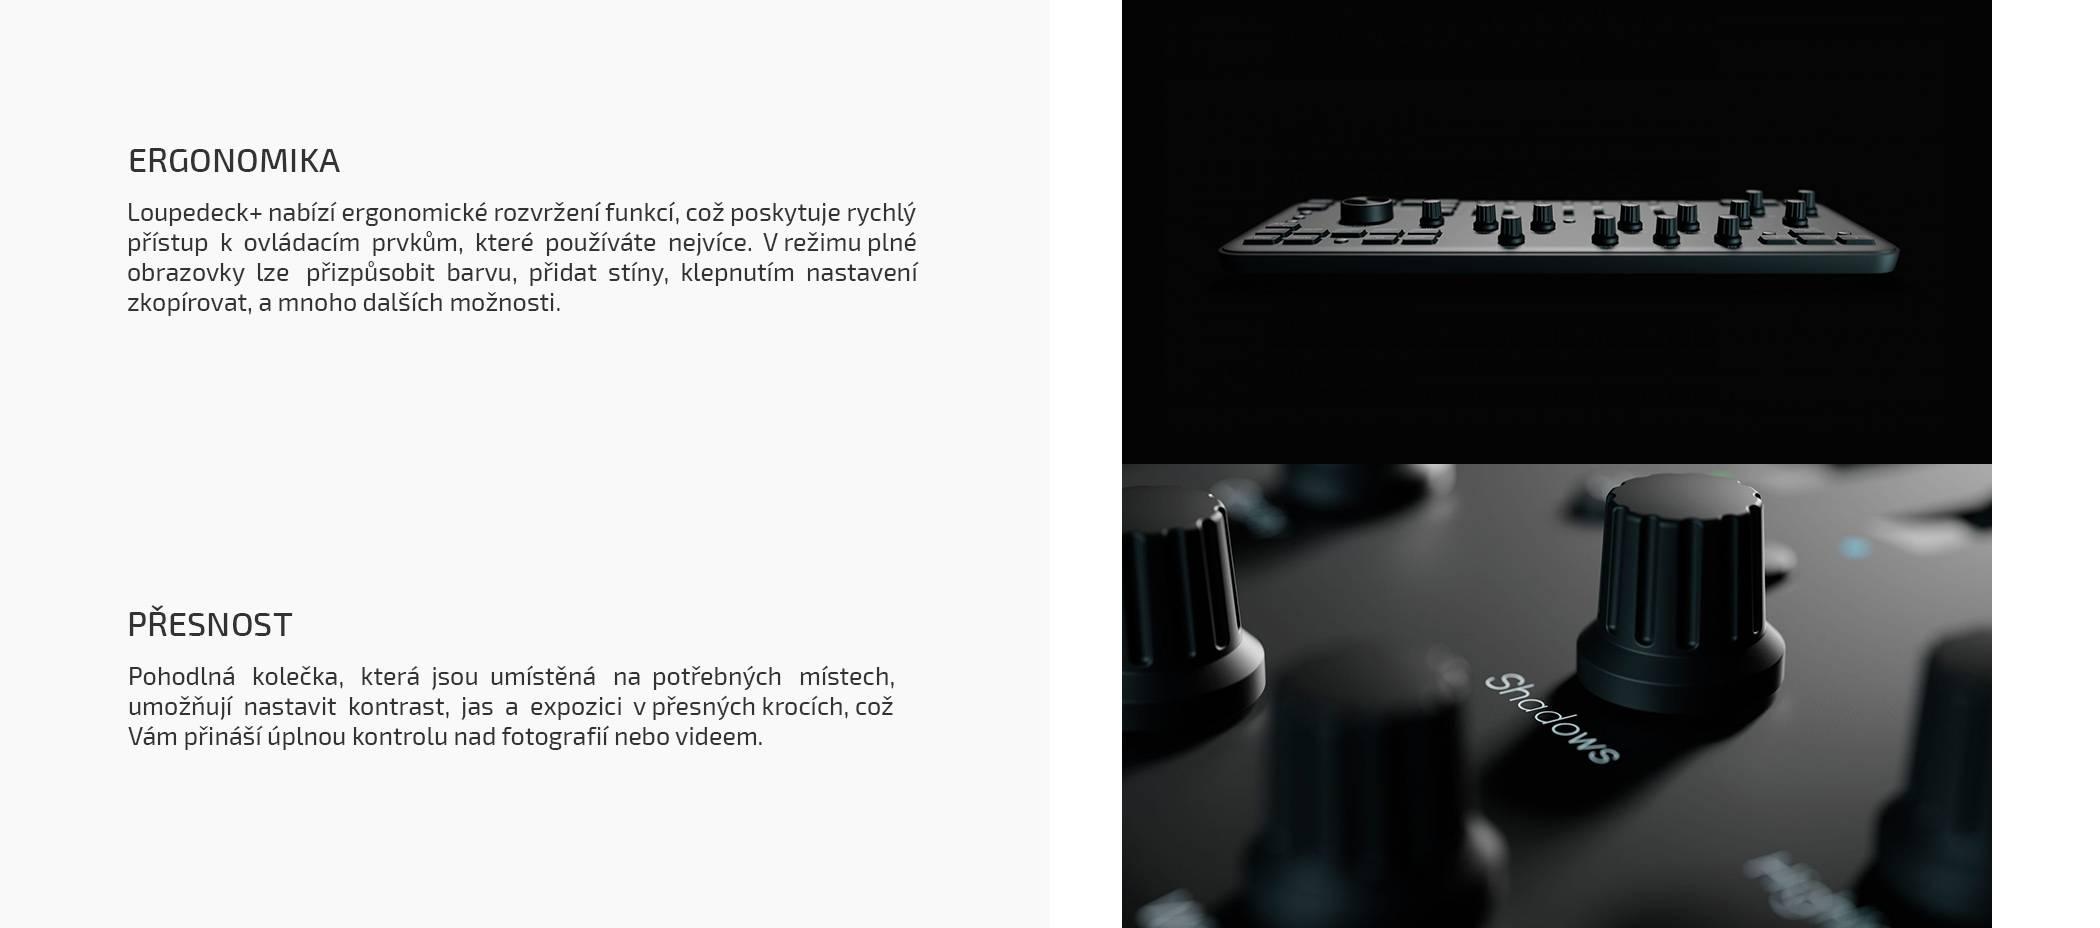 film-technika-loupedeck-plus-konzole-pro-úpravu-fotrk-a-videa-ergonomika-přesnost